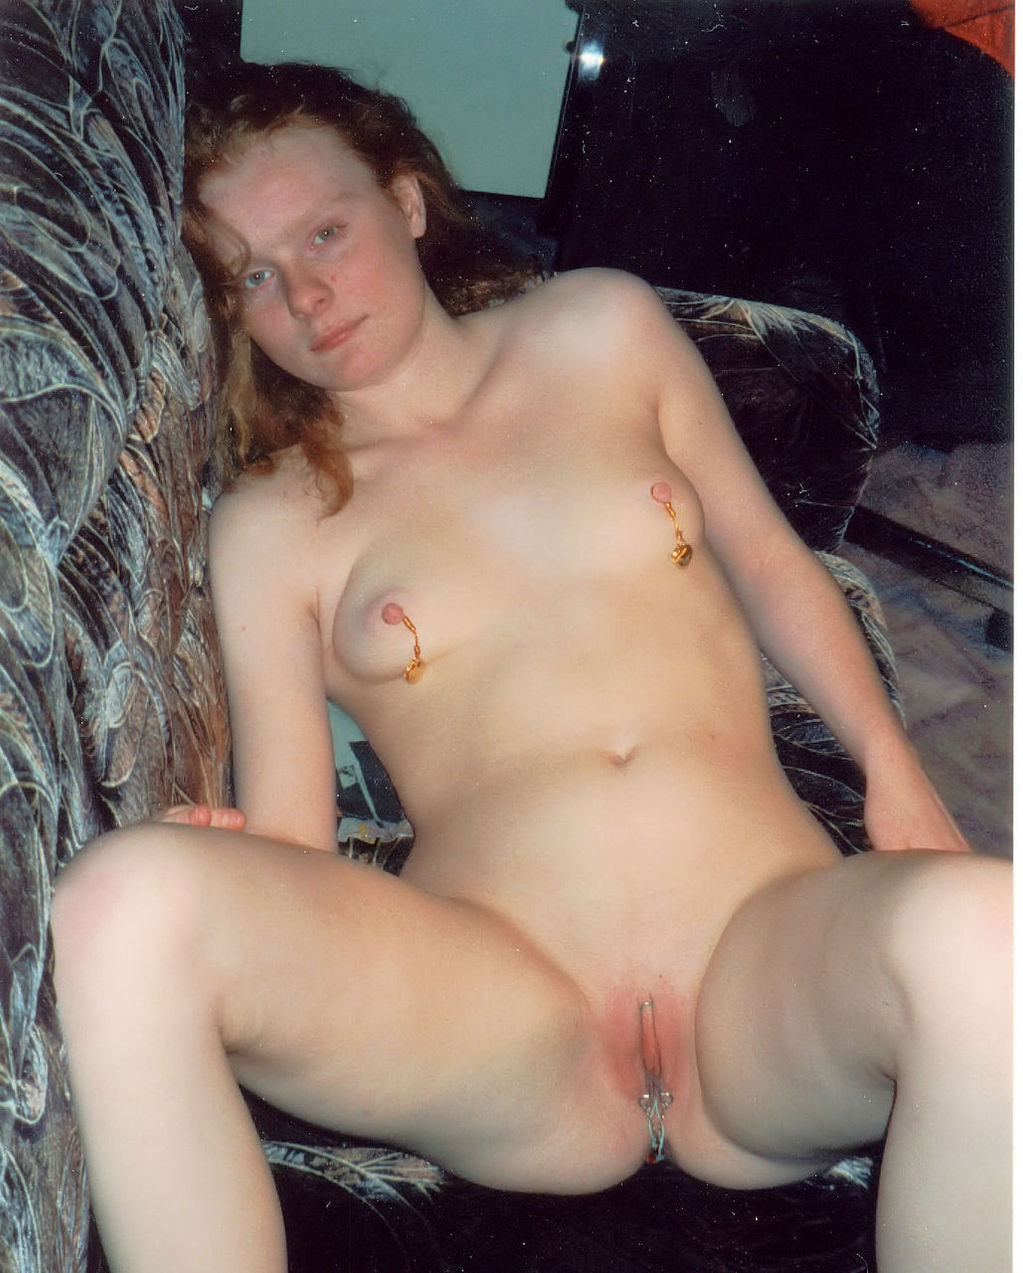 Royal Porn | Wix.com